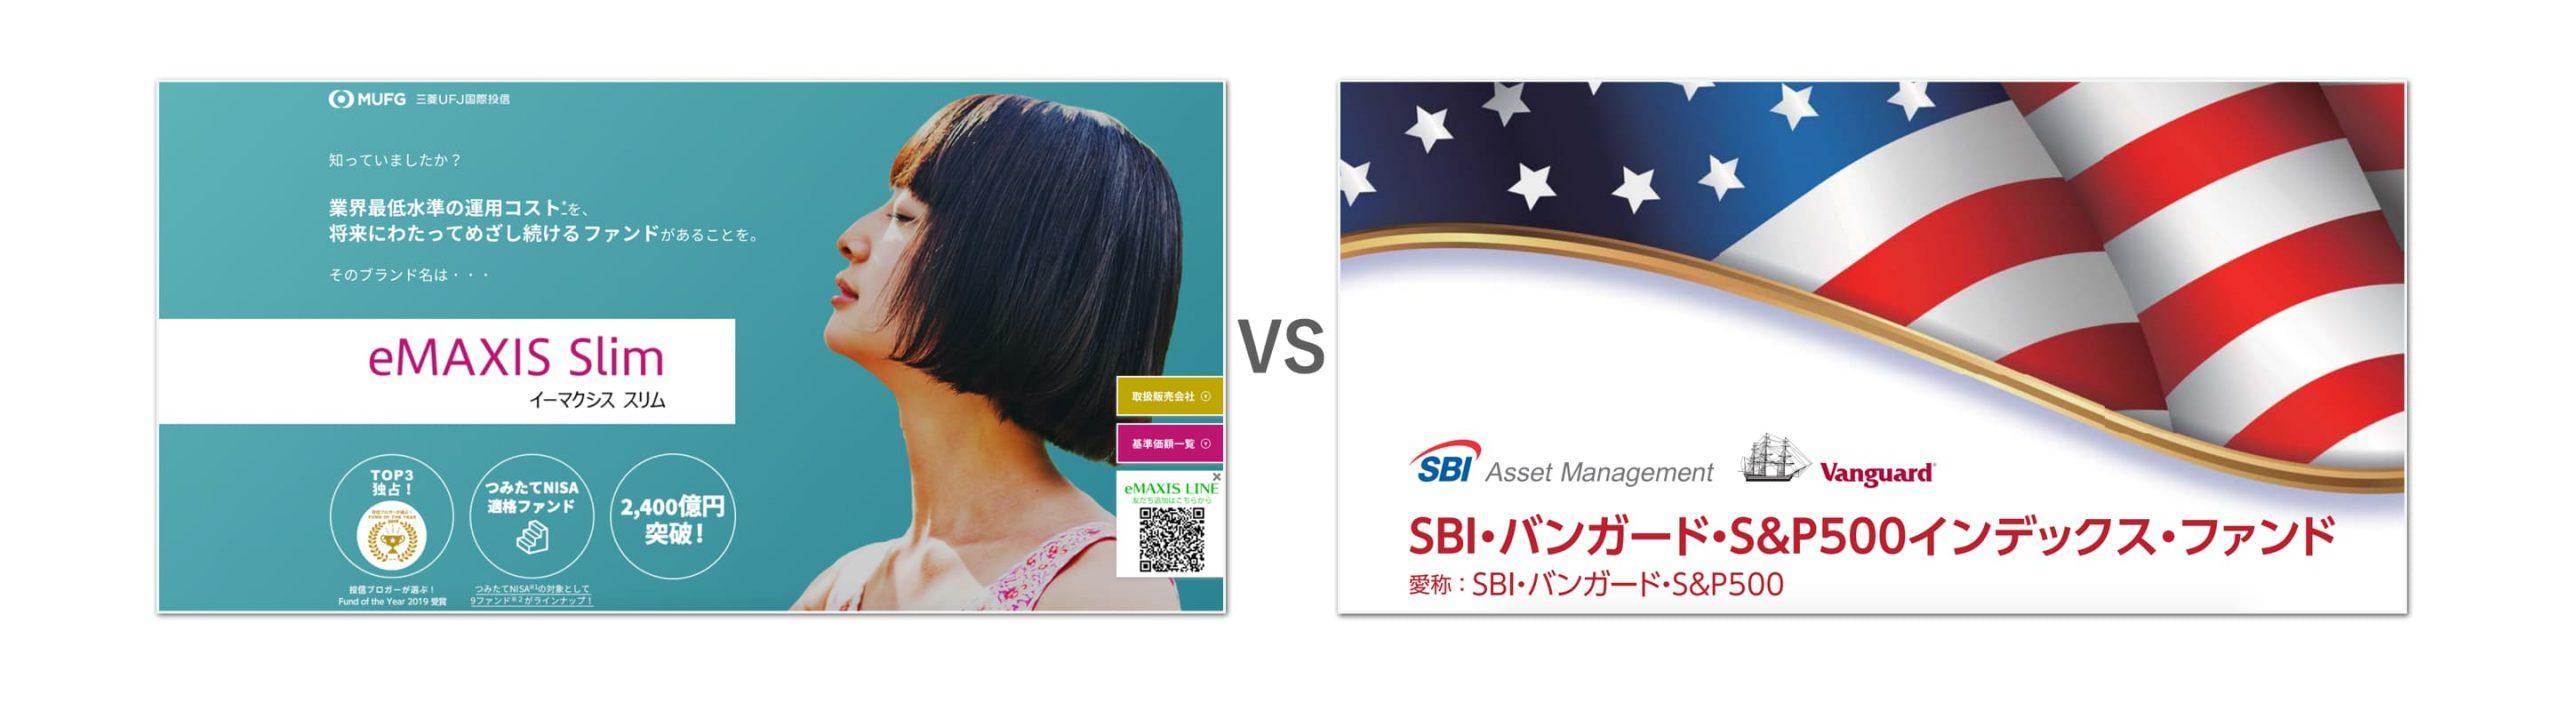 【比較】eMAXIS Slim 米国株式とSBI・バンガード・S&P500